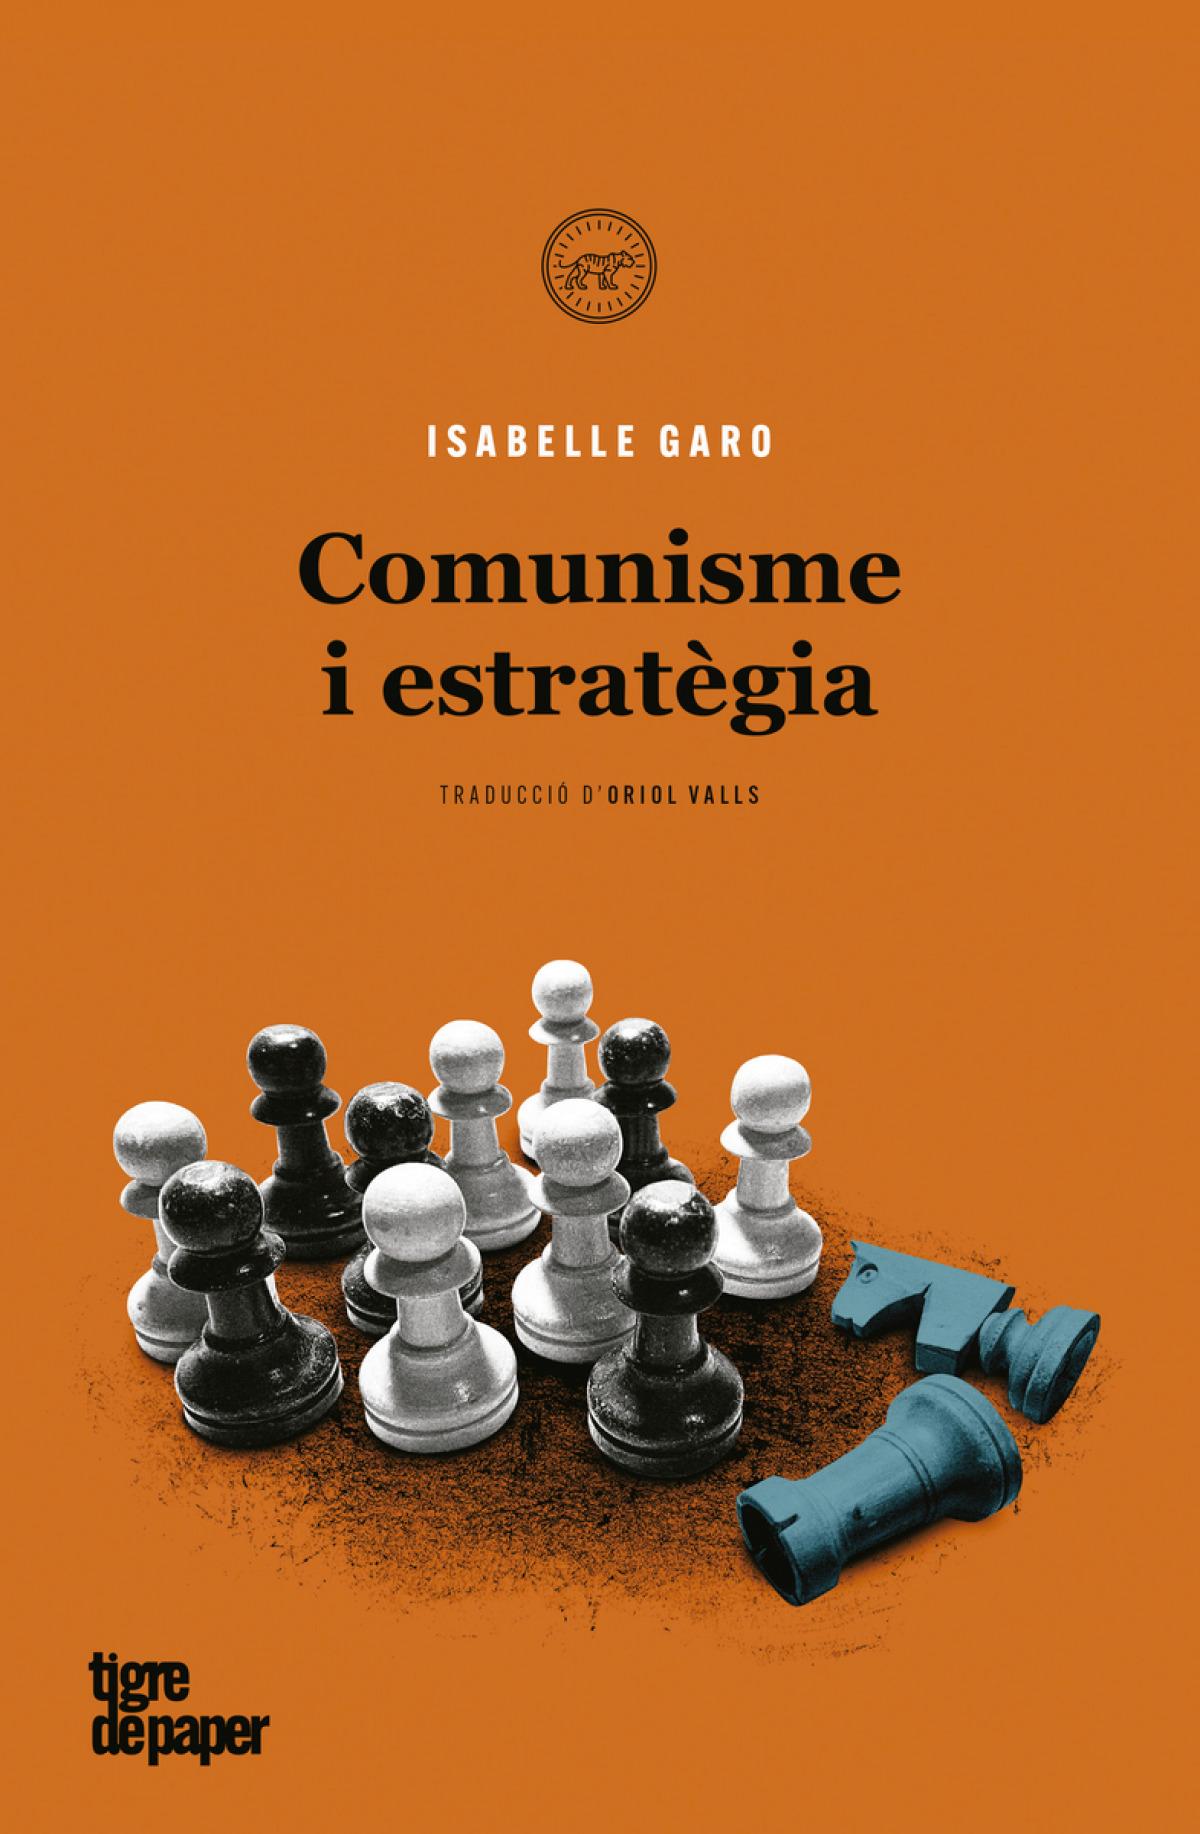 Comunisme i estratègia